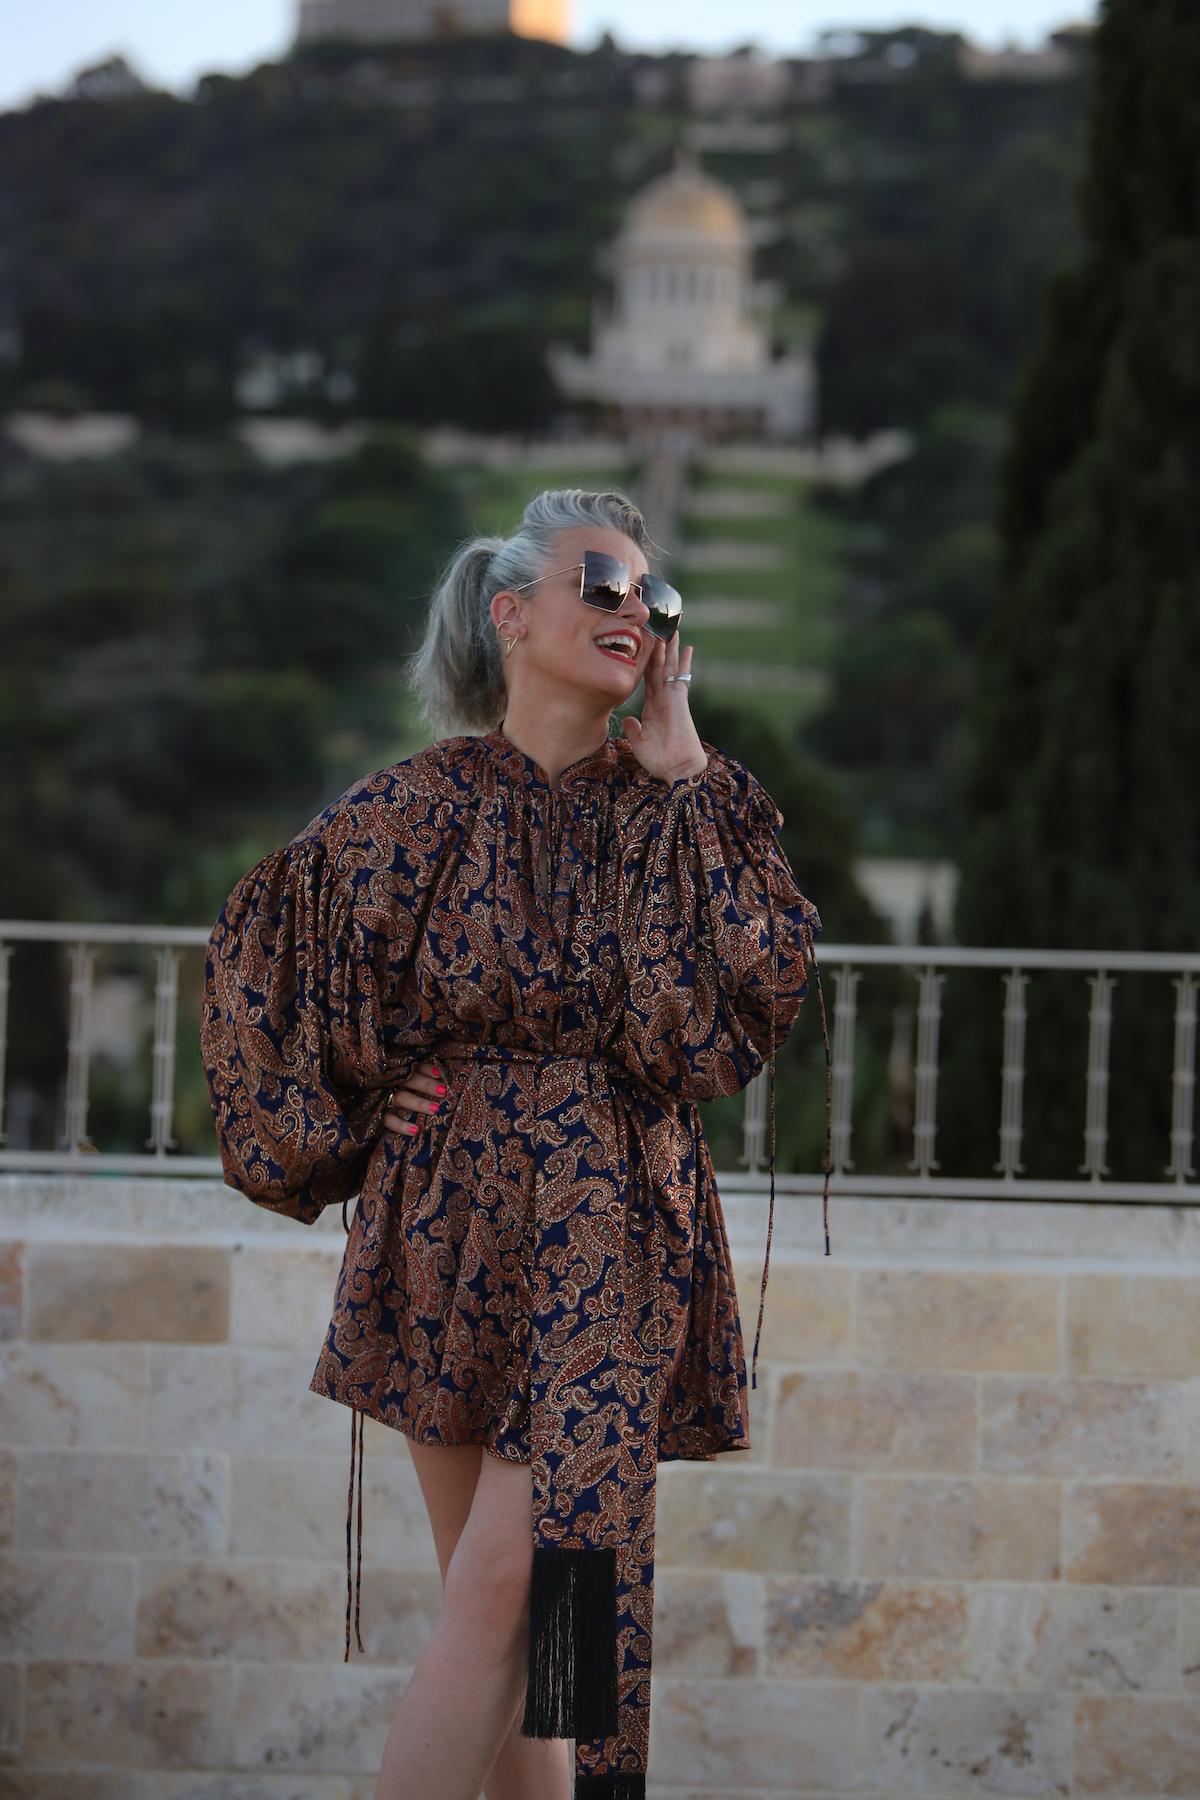 שירי ויצנר חיפאית לובשת אריאל טולדנו שמלת סולטנה עגילים רובי סטאר אתר מארק אופנה ישראלית16